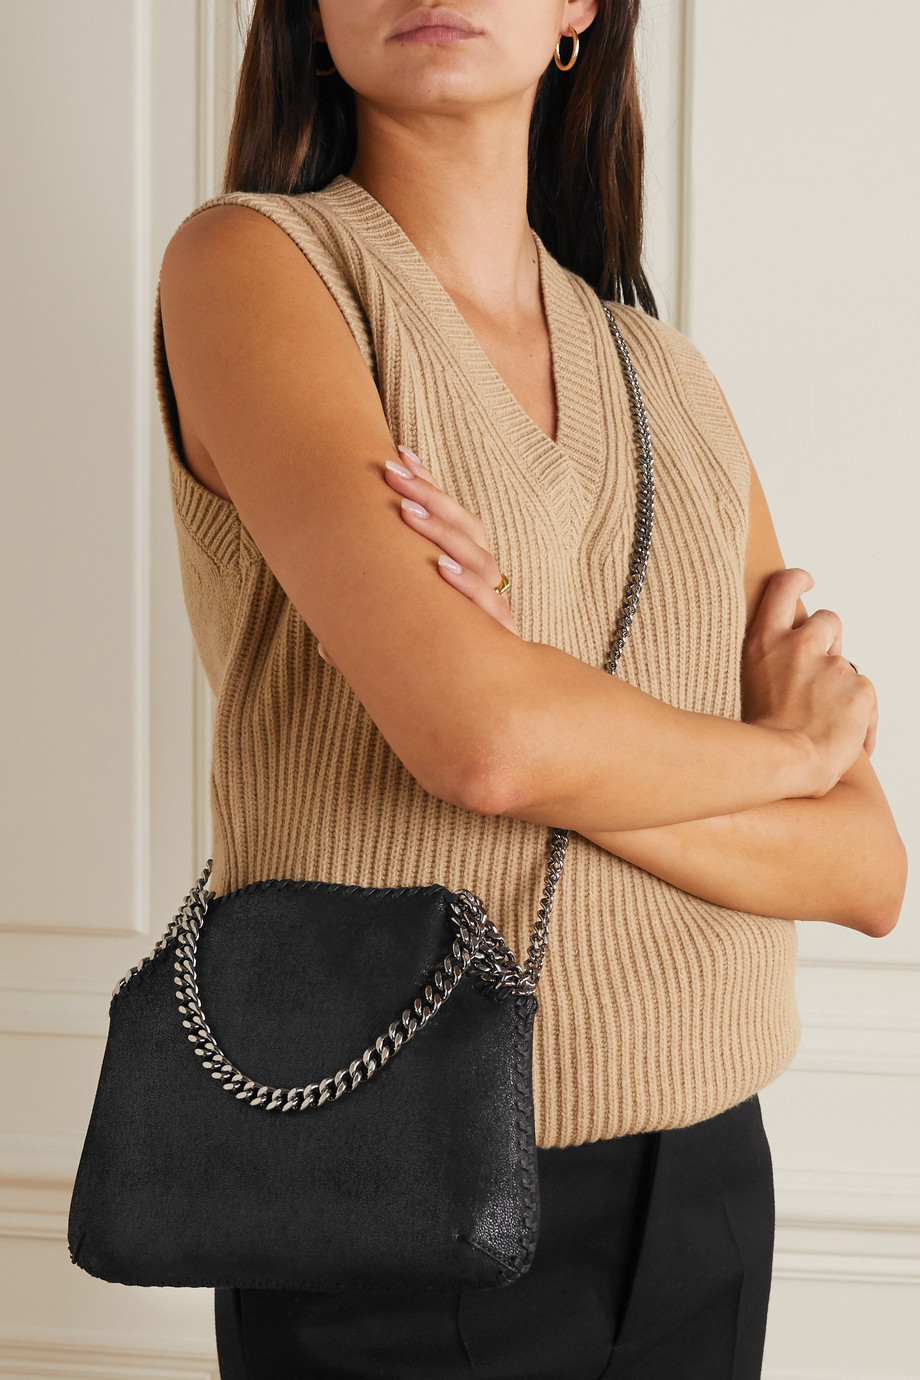 Stella McCartney Falabella mittelgroße Schultertasche aus gebürstetem Kunstleder